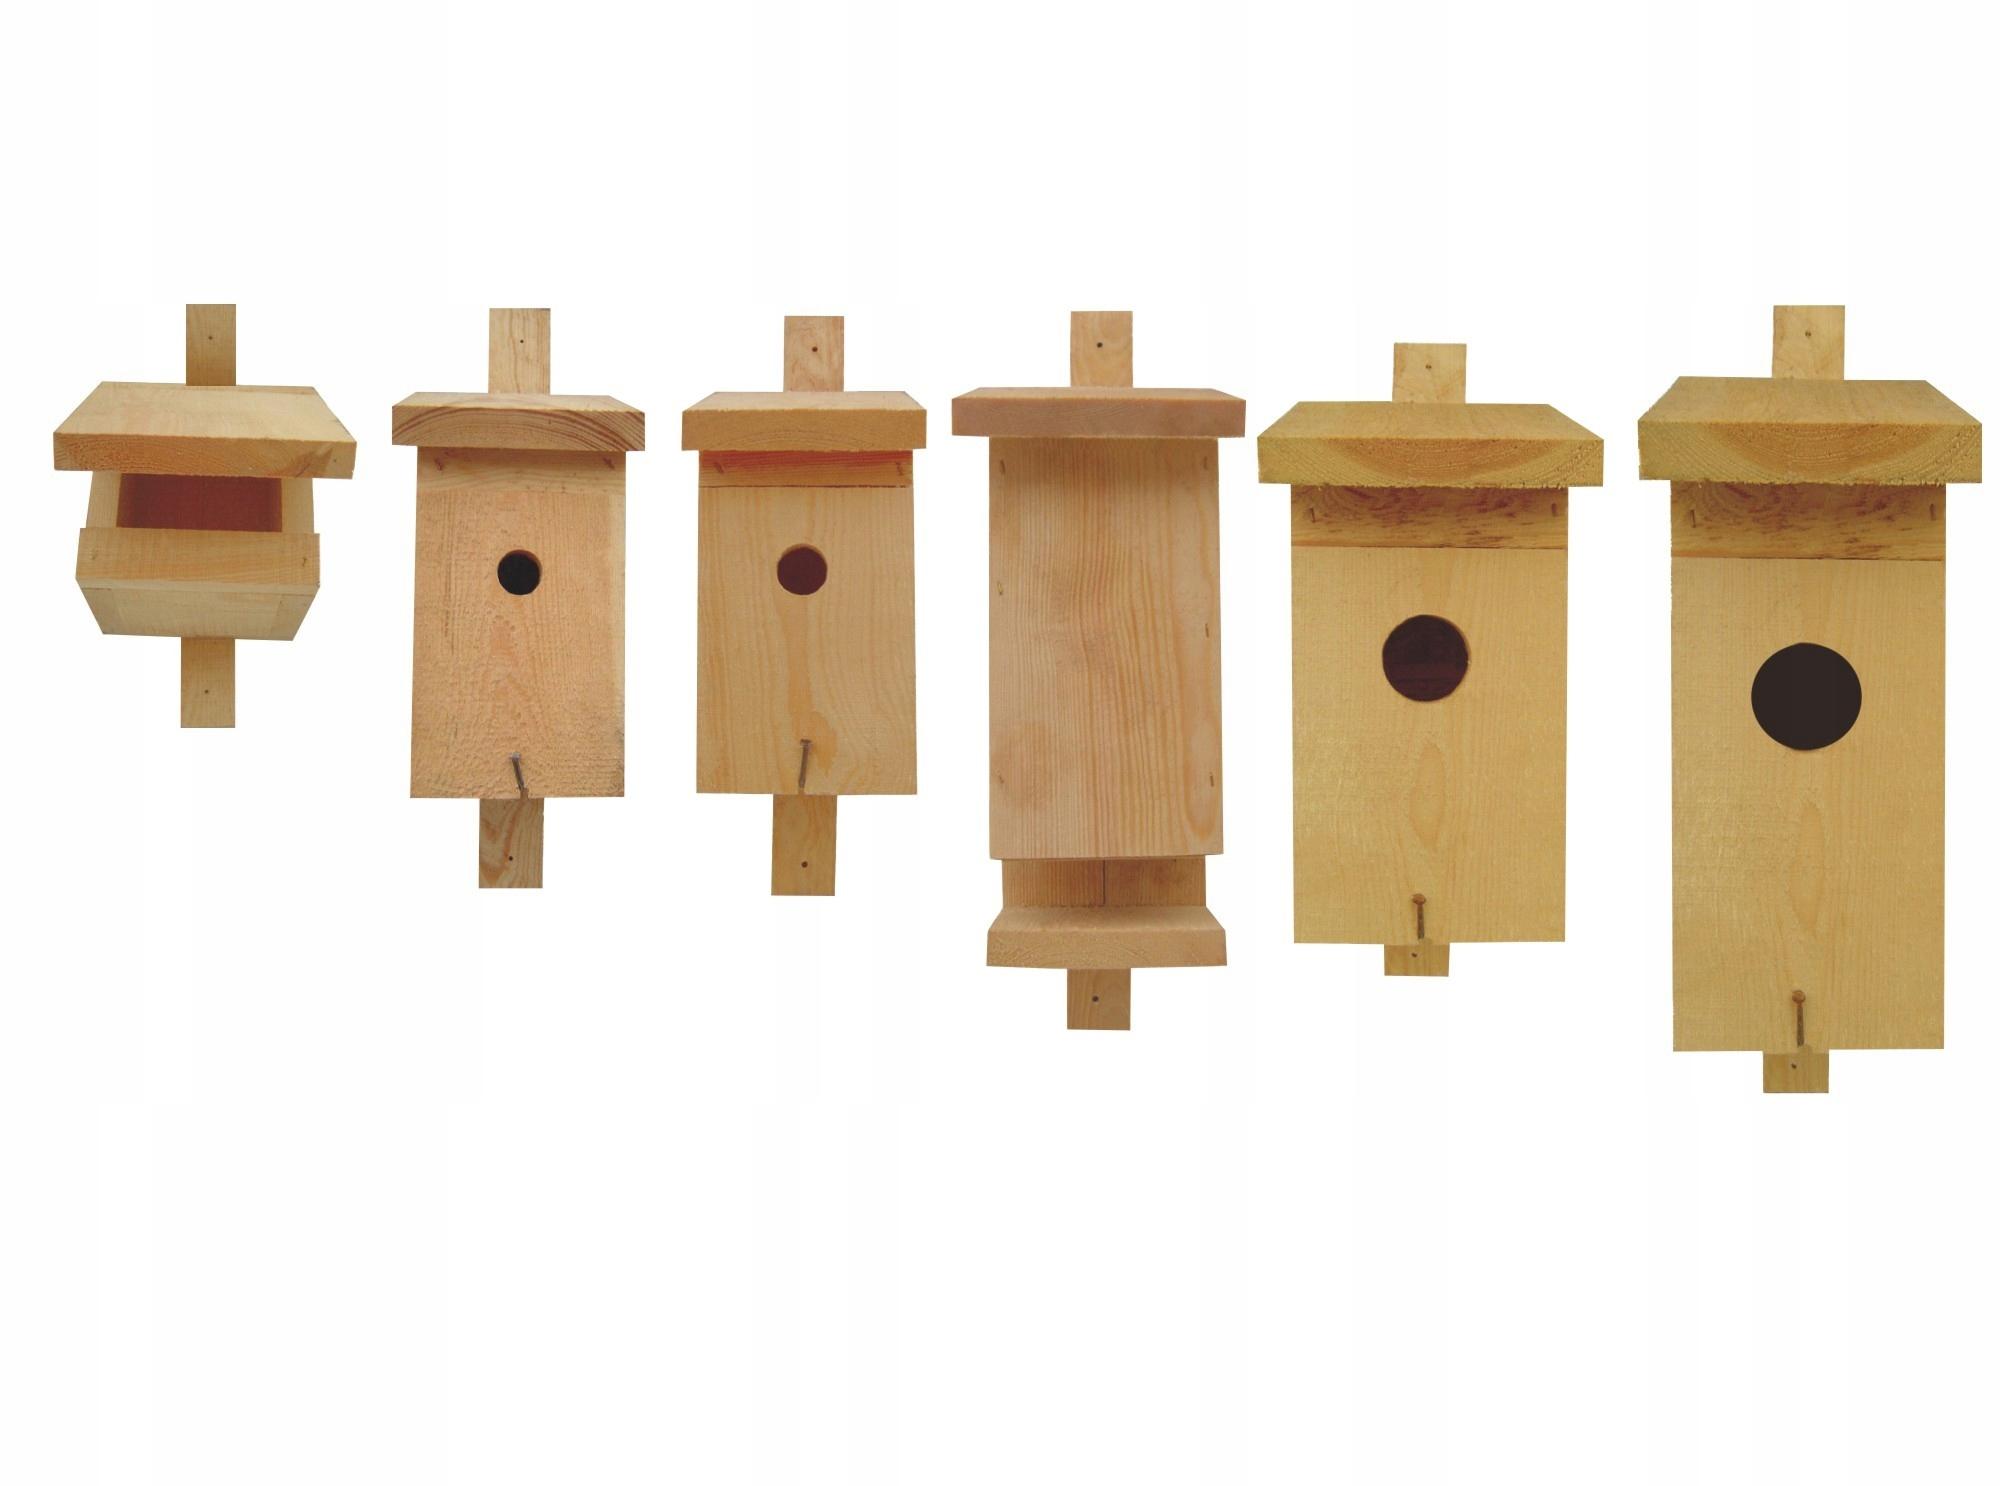 Domov pre vtáky - sada 6 Ks Produktu Poschodie